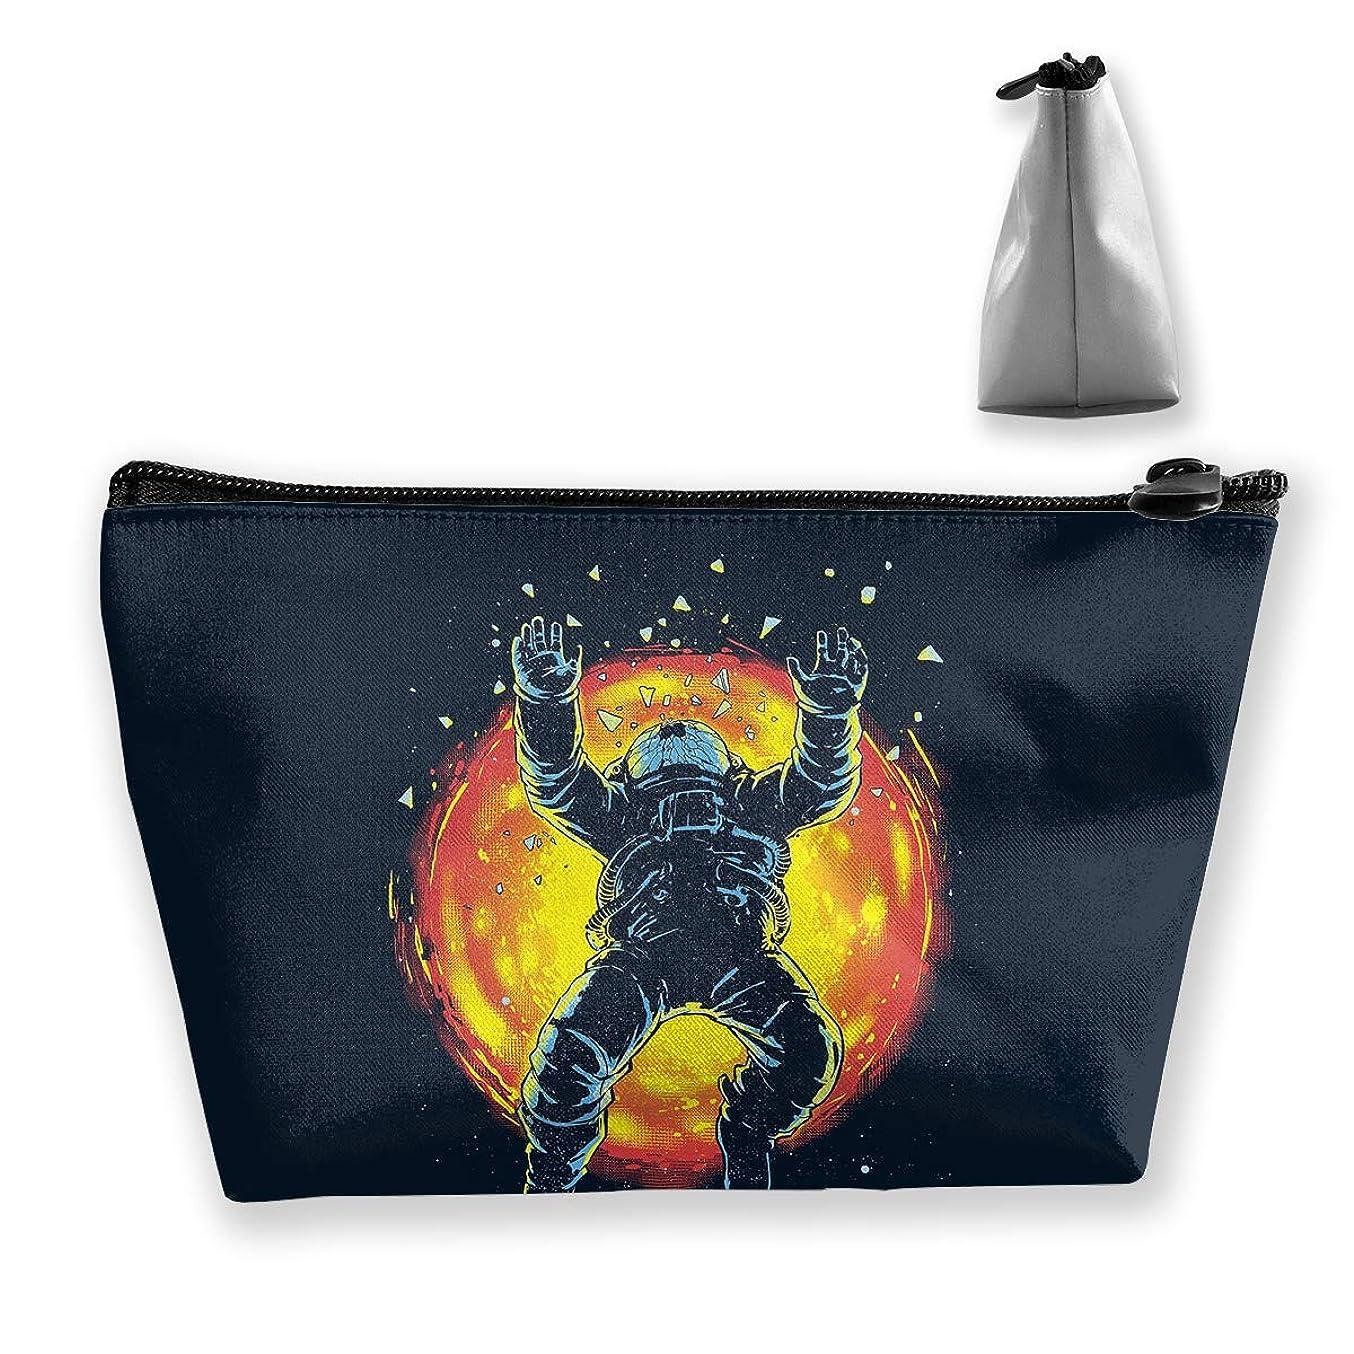 立ち向かうキモい爆発する台形 レディース 化粧ポーチ トラベルポーチ 旅行 ハンドバッグ 宇宙飛行士 コスメ メイクポーチ コイン 鍵 小物入れ 化粧品 収納ケース